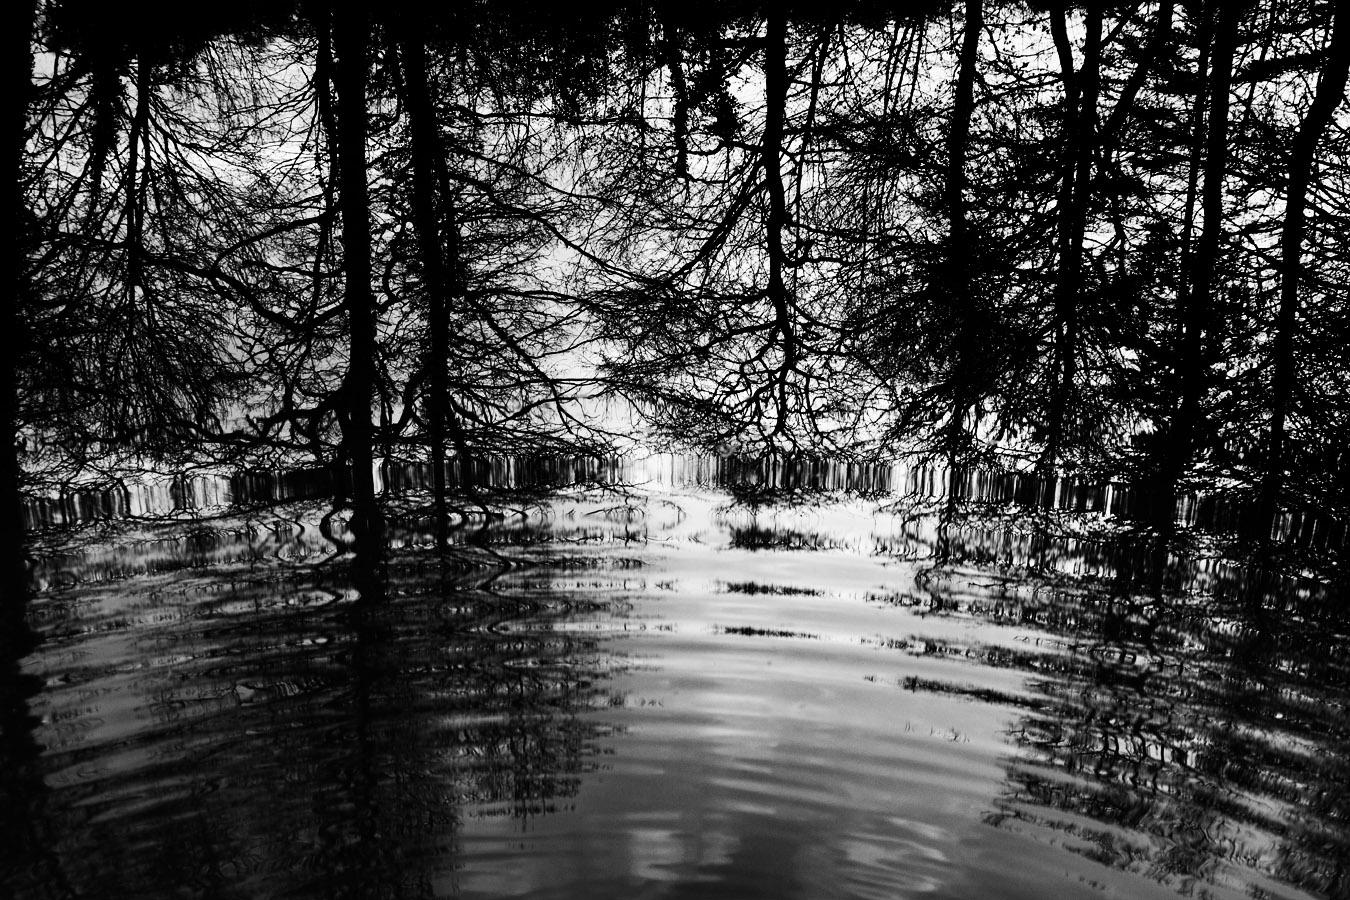 Reflets ondoyants de ramures d'arbre sur un étang : noir et blanc hivernal